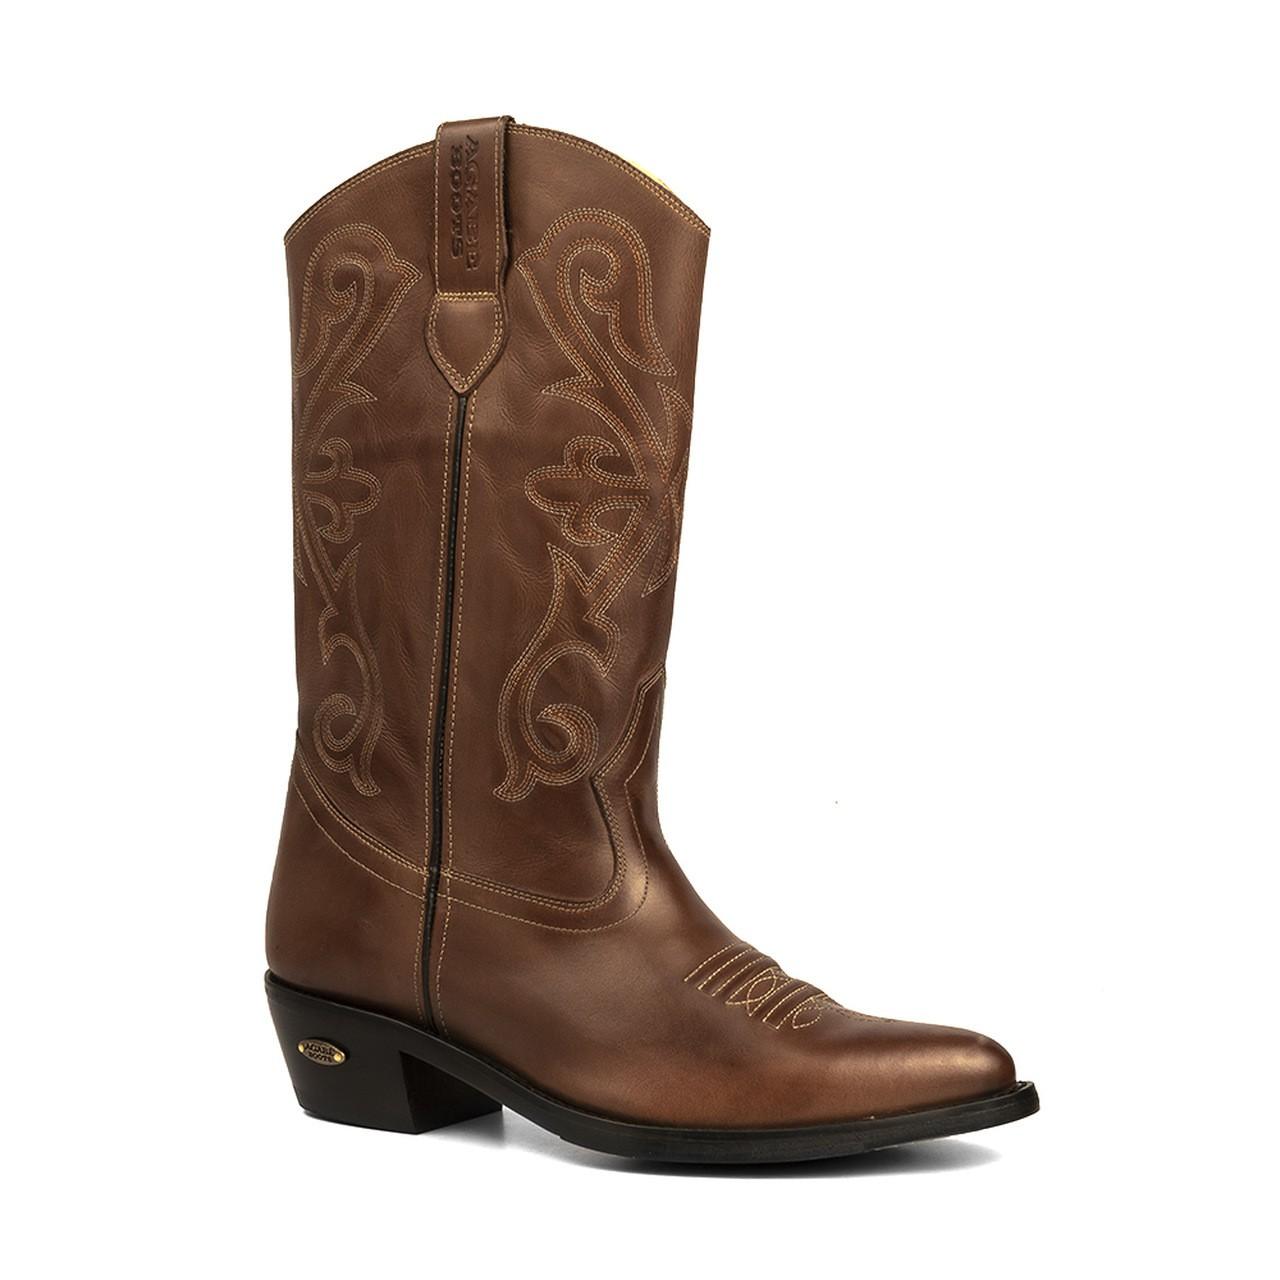 Bota Texana HB Agabe Boots 200.004 - Lt Marrom - Solado de Borracha